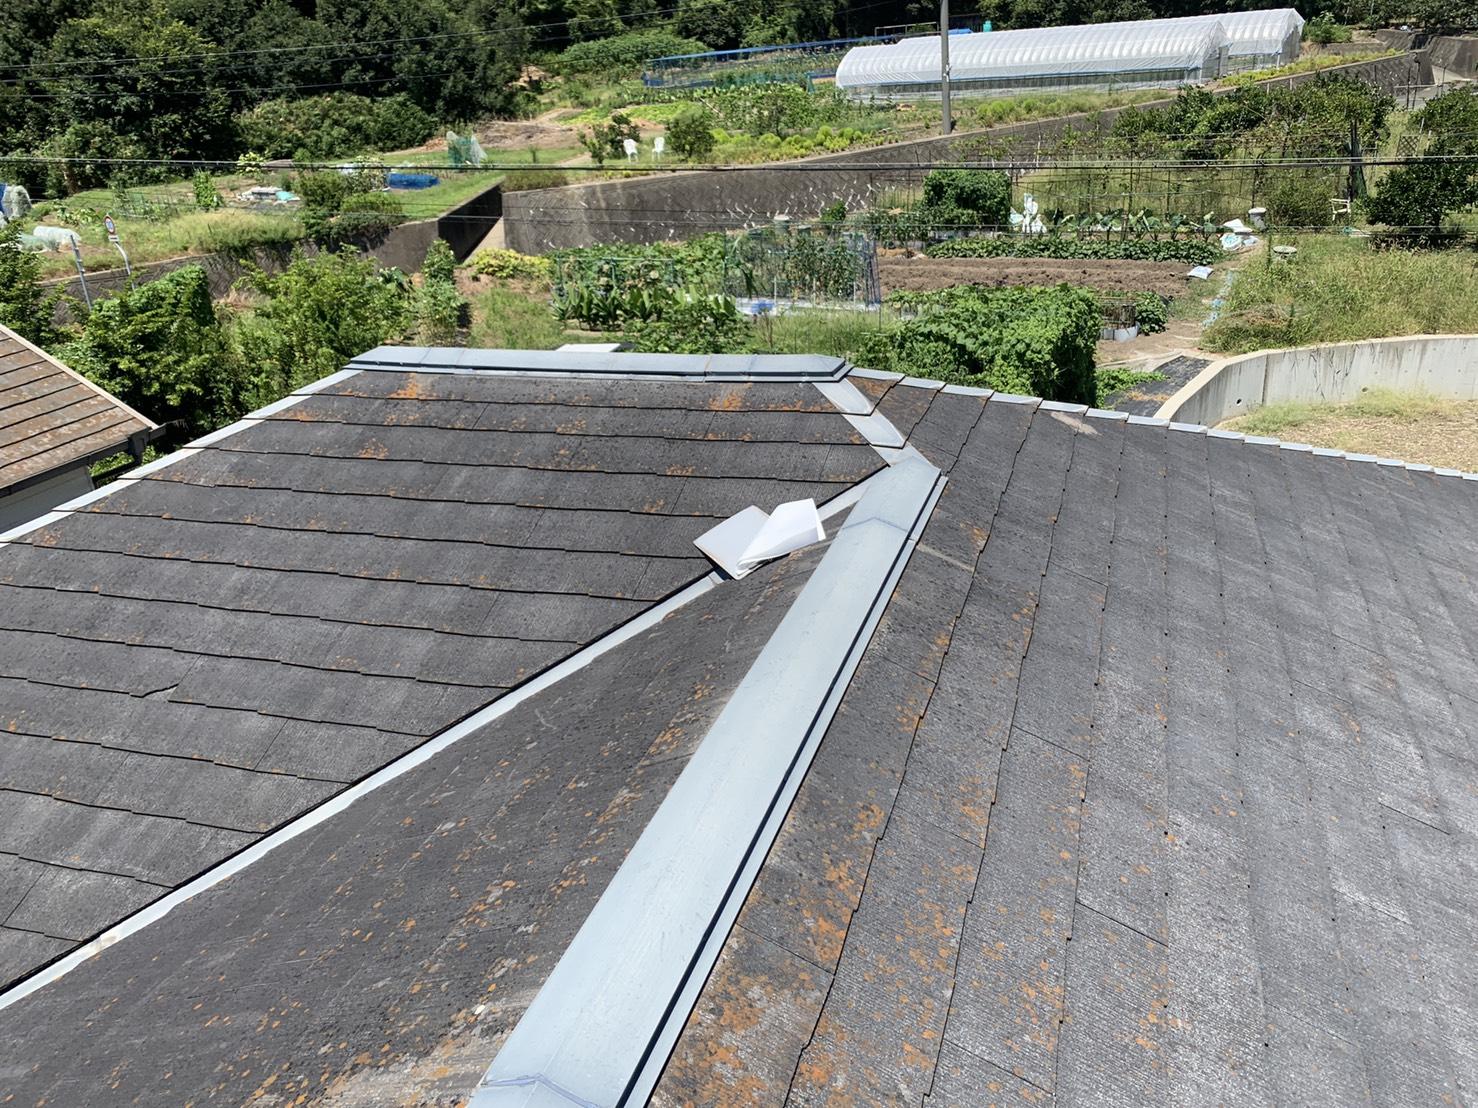 播磨町で台風により被害を受けたスレート屋根